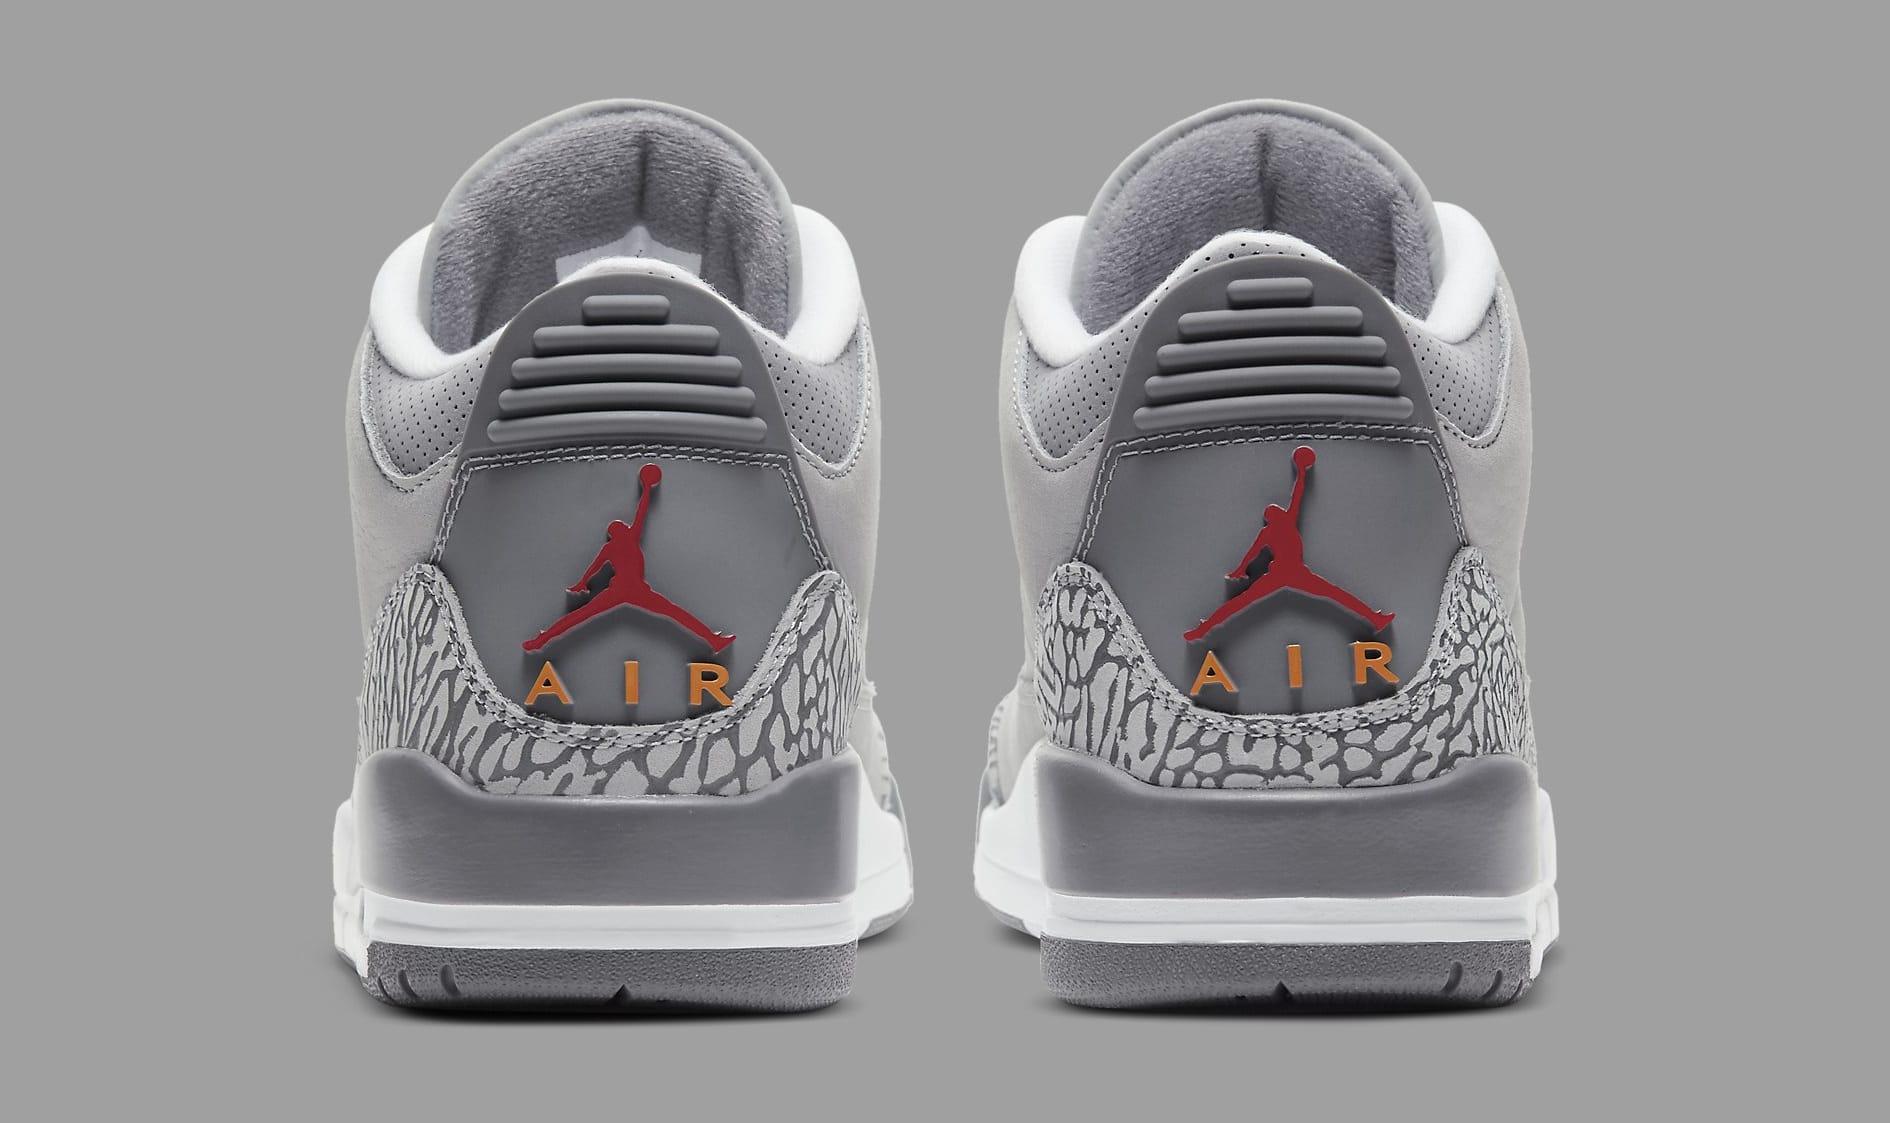 Air Jordan 3 Retro 'Cool Grey' 2021 CT8532-012 Heel